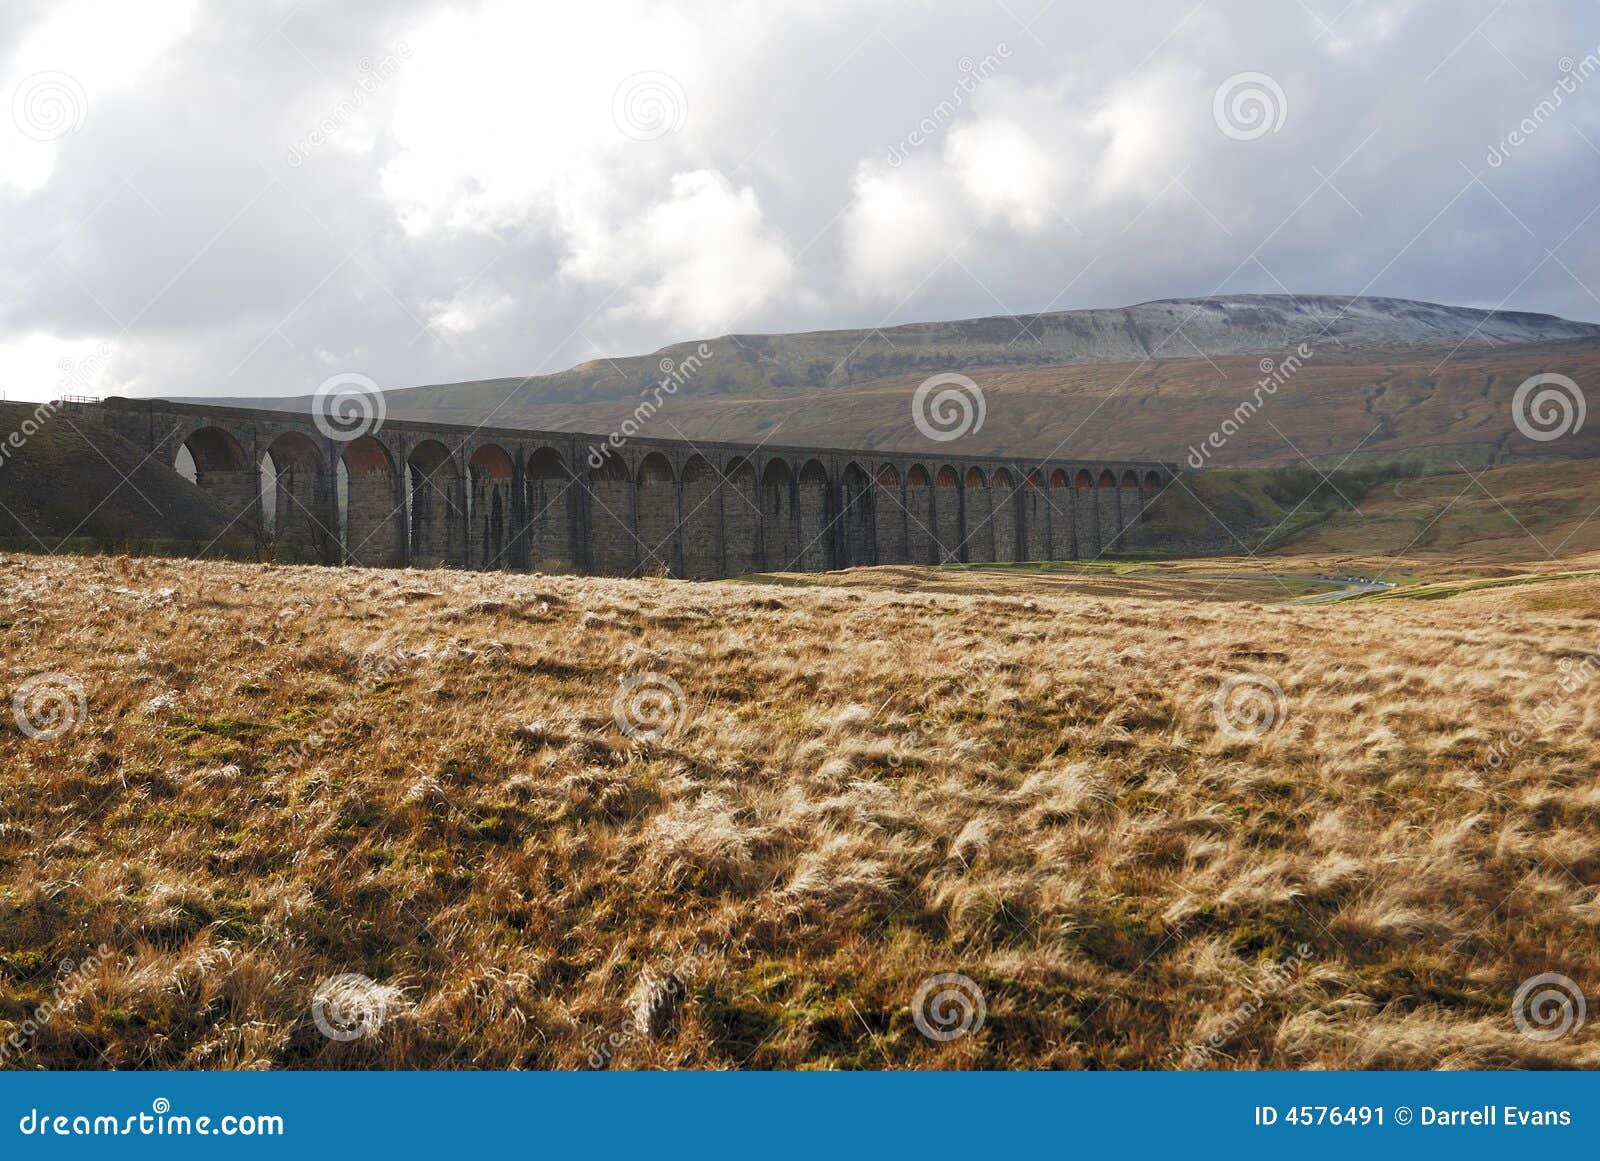 Kullribbleheadviaduct